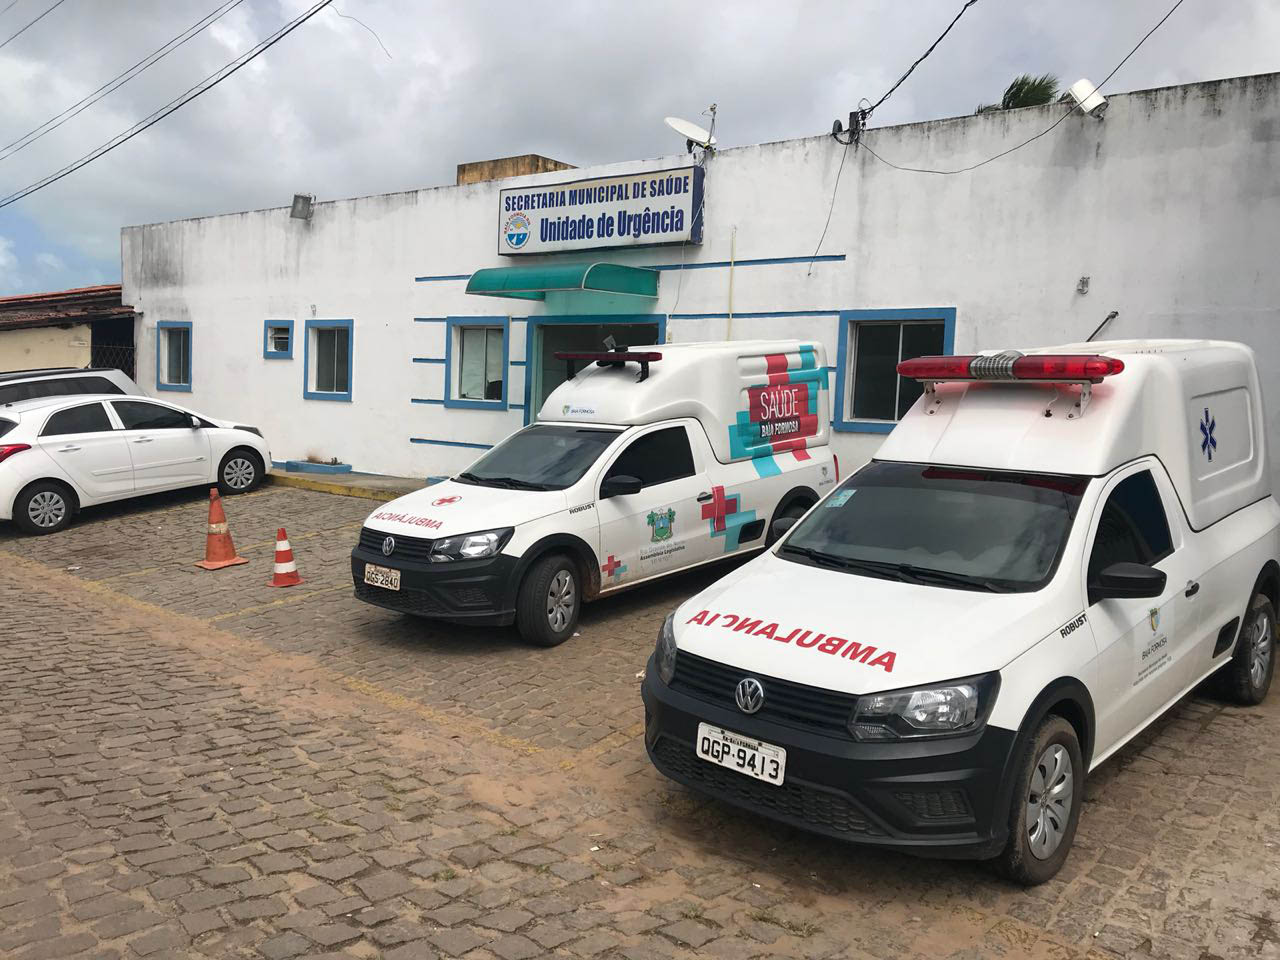 Beto Rosado viabiliza R$ 1,2 milhão para a Saúde de Baía Formosa - Prefeitura de Baia Formosa